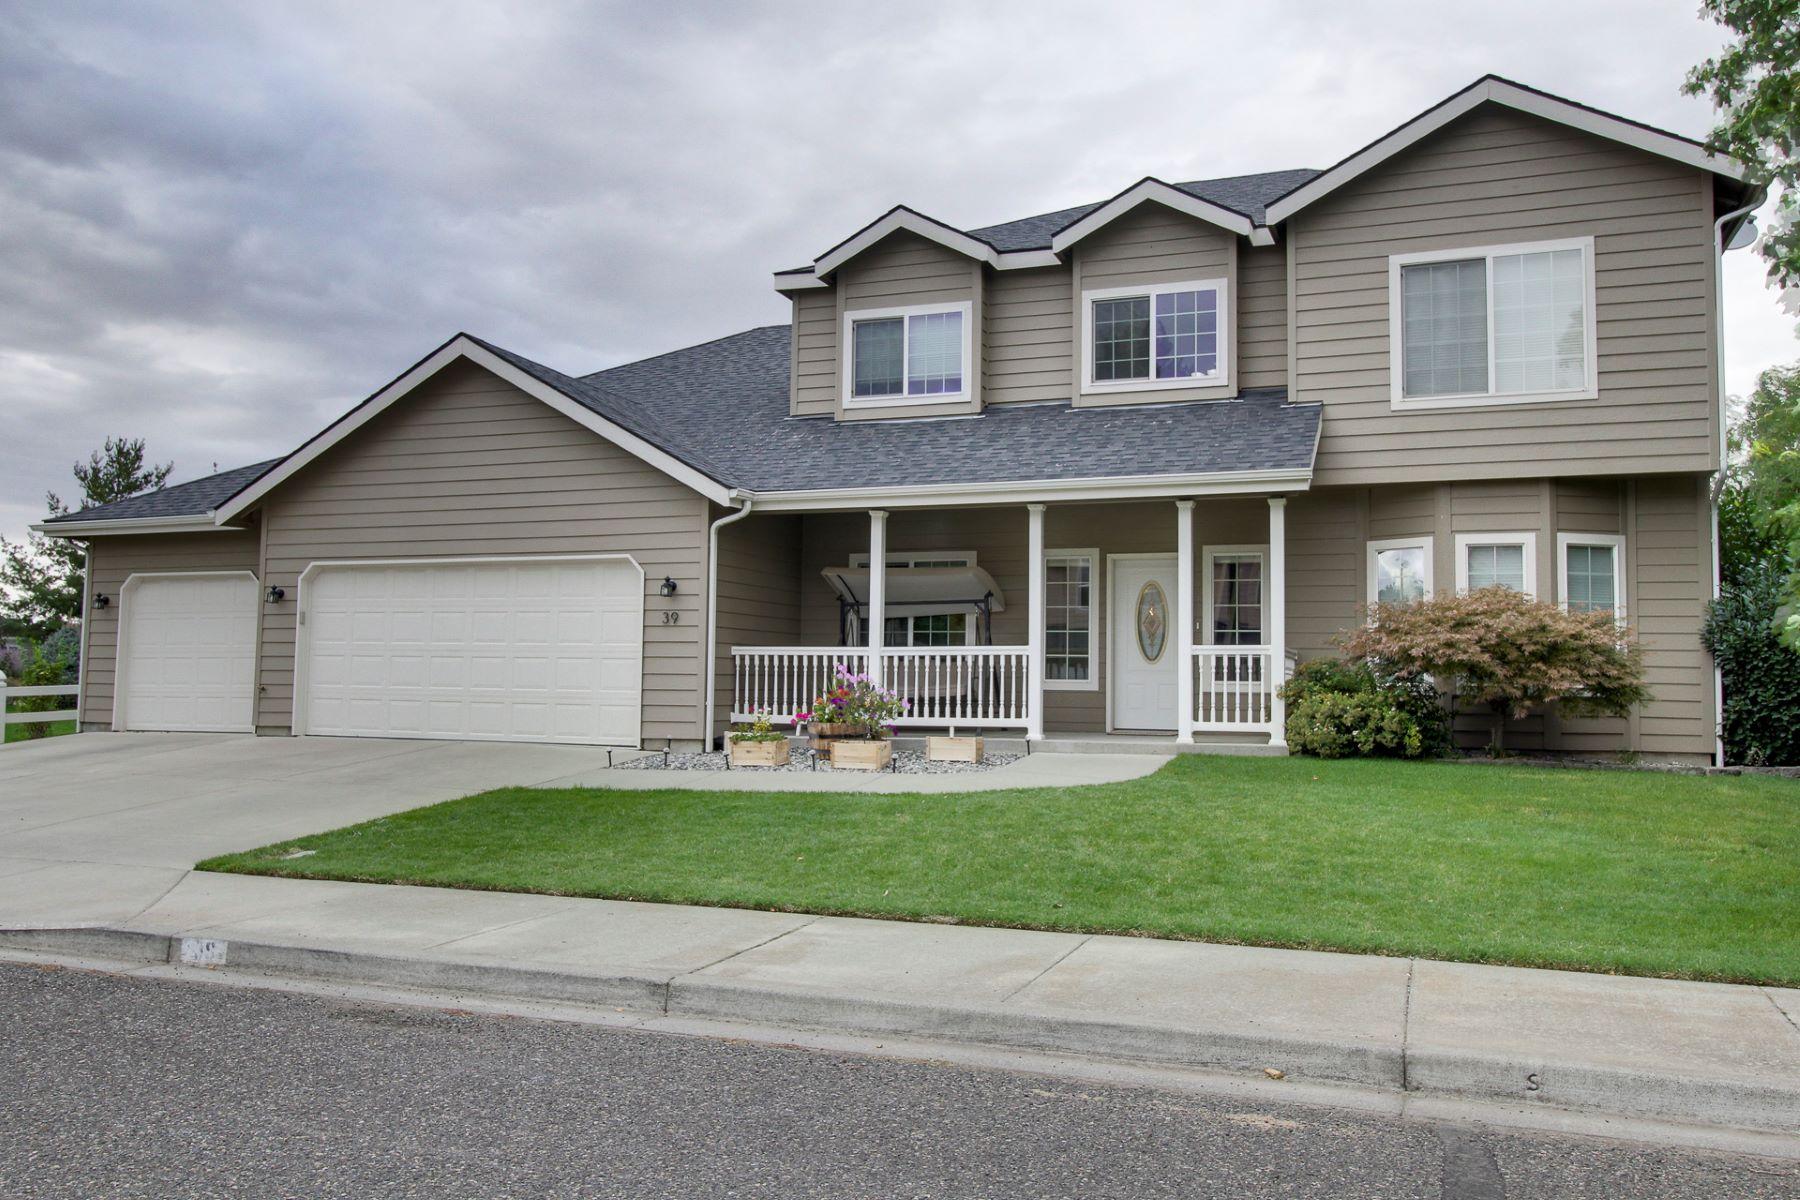 Single Family Homes for Sale at 39 Parkwood Circle Walla Walla, Washington 99362 United States